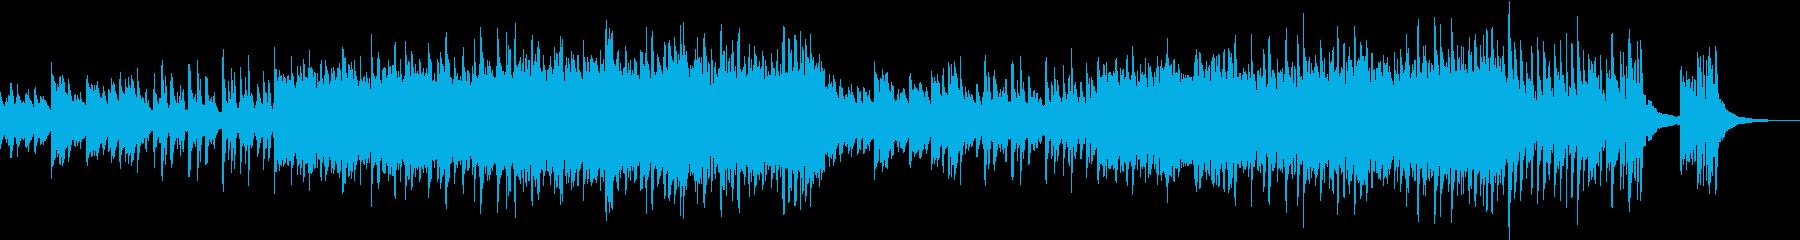 切ないピアノの応援ソングの再生済みの波形